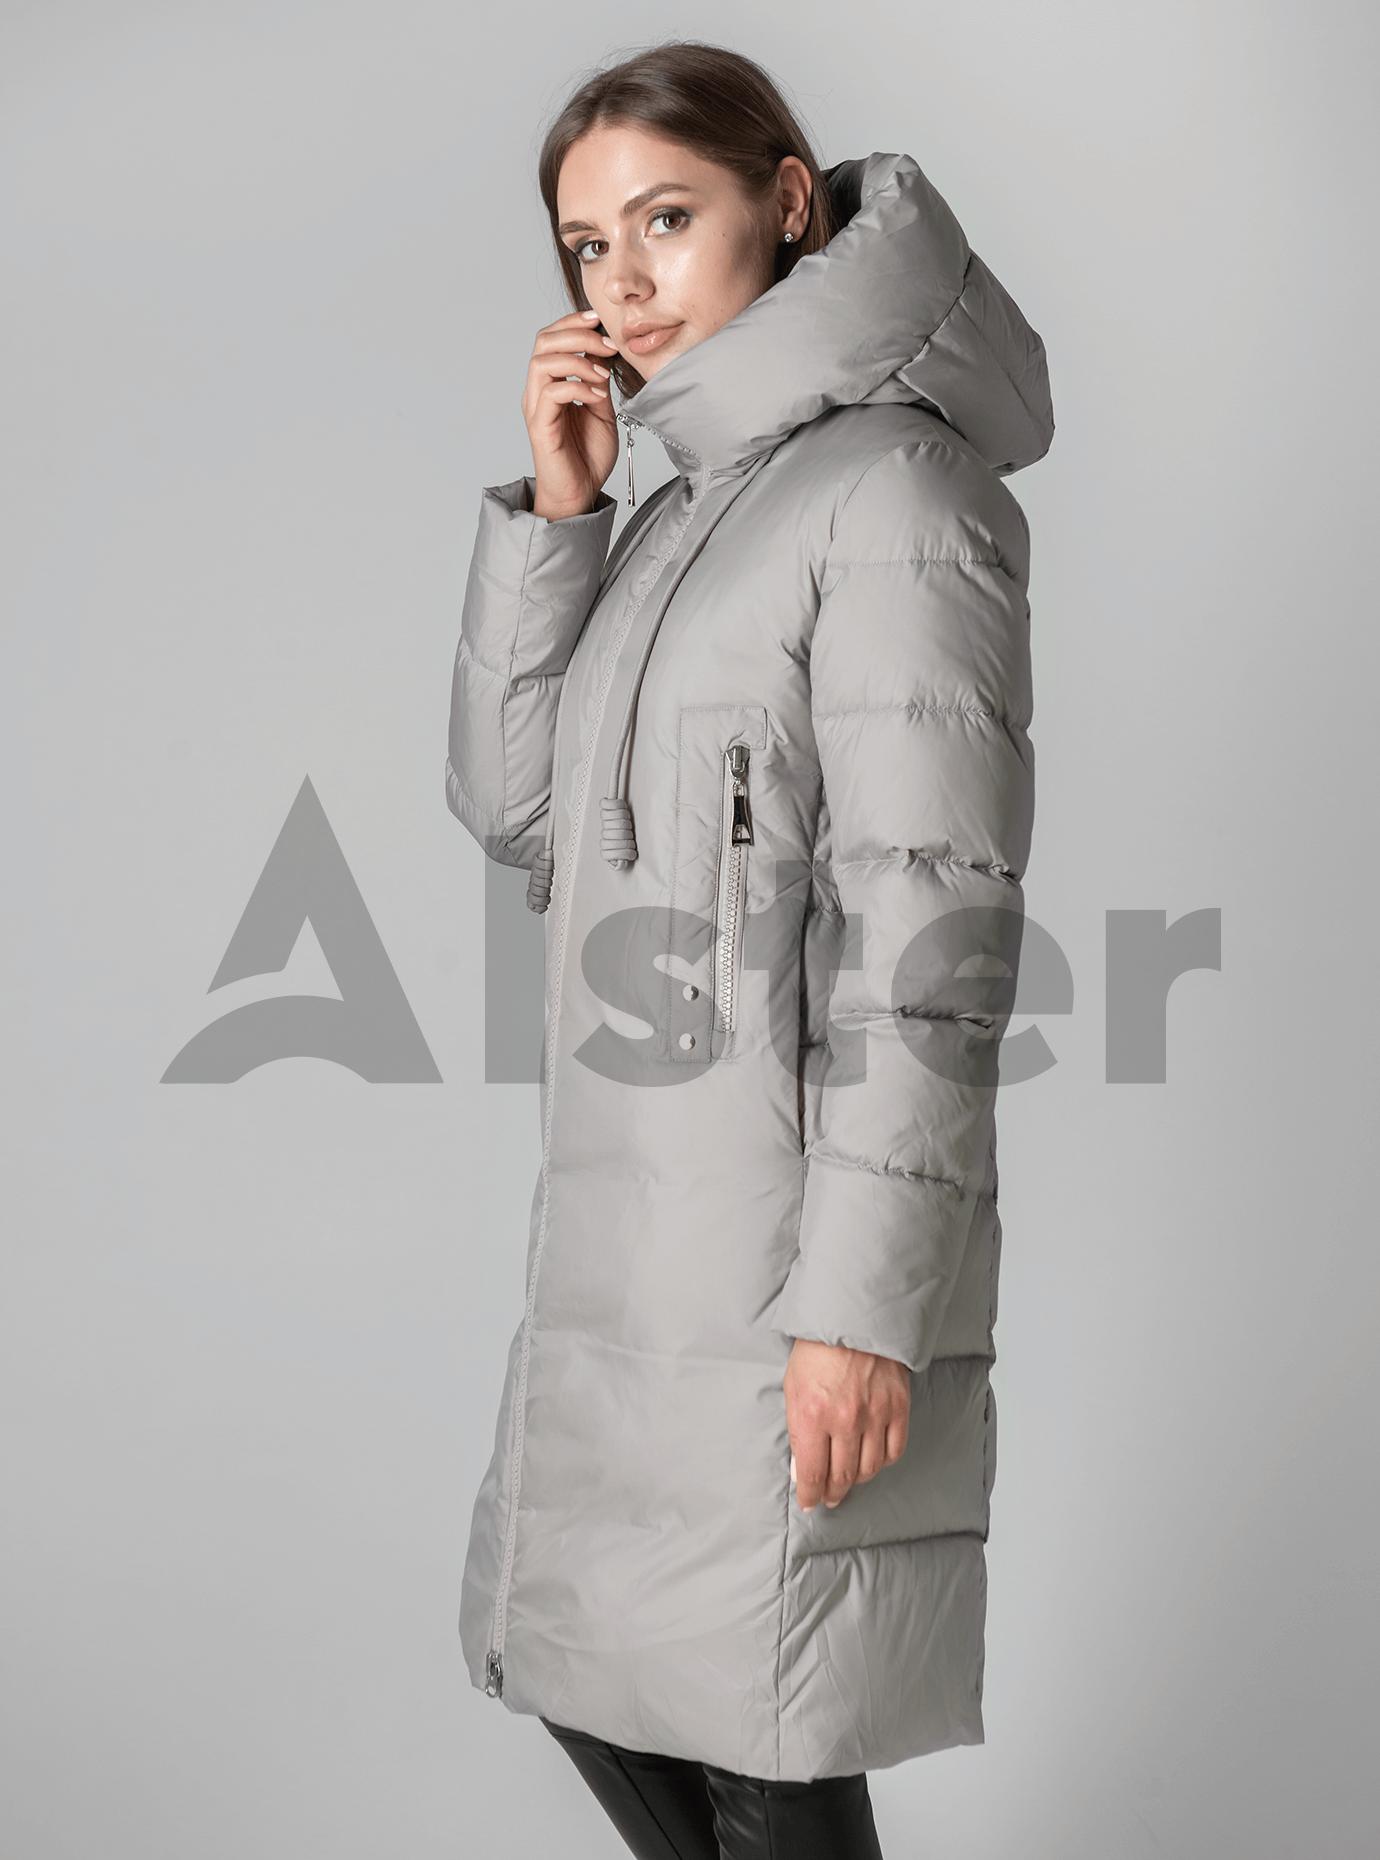 Классическая зимняя женская куртка Серый 2XL (02-190199): фото - Alster.ua